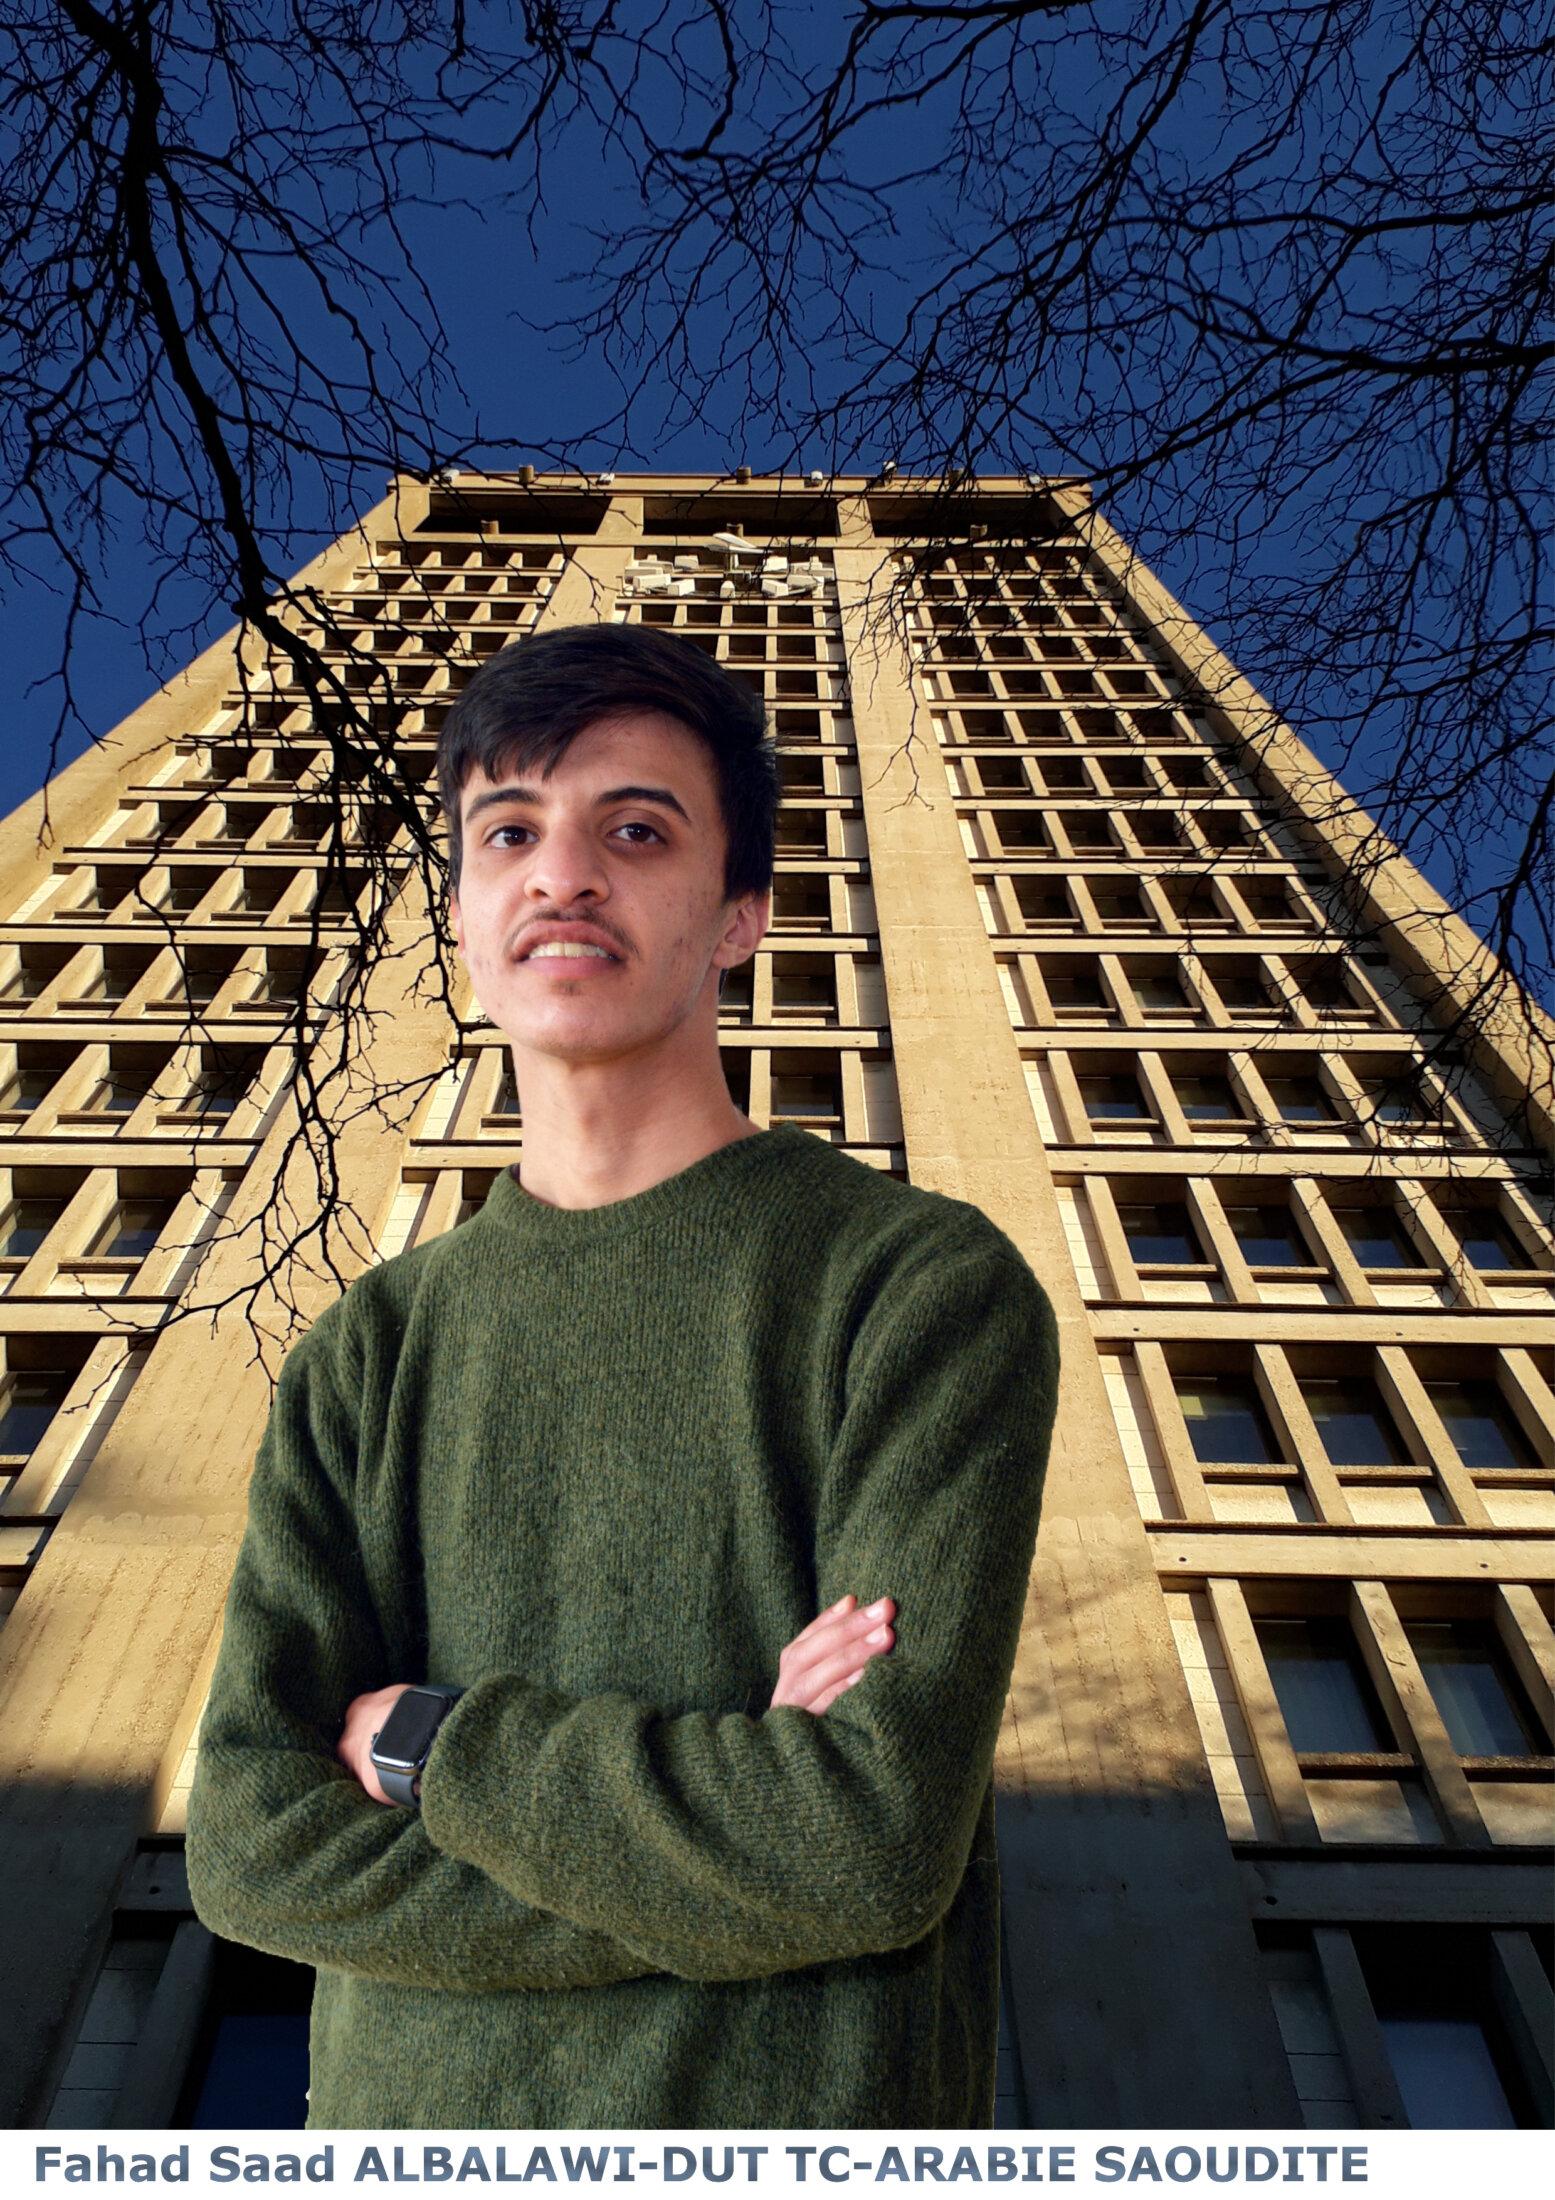 Fahad Saad ALBALAWI HDV